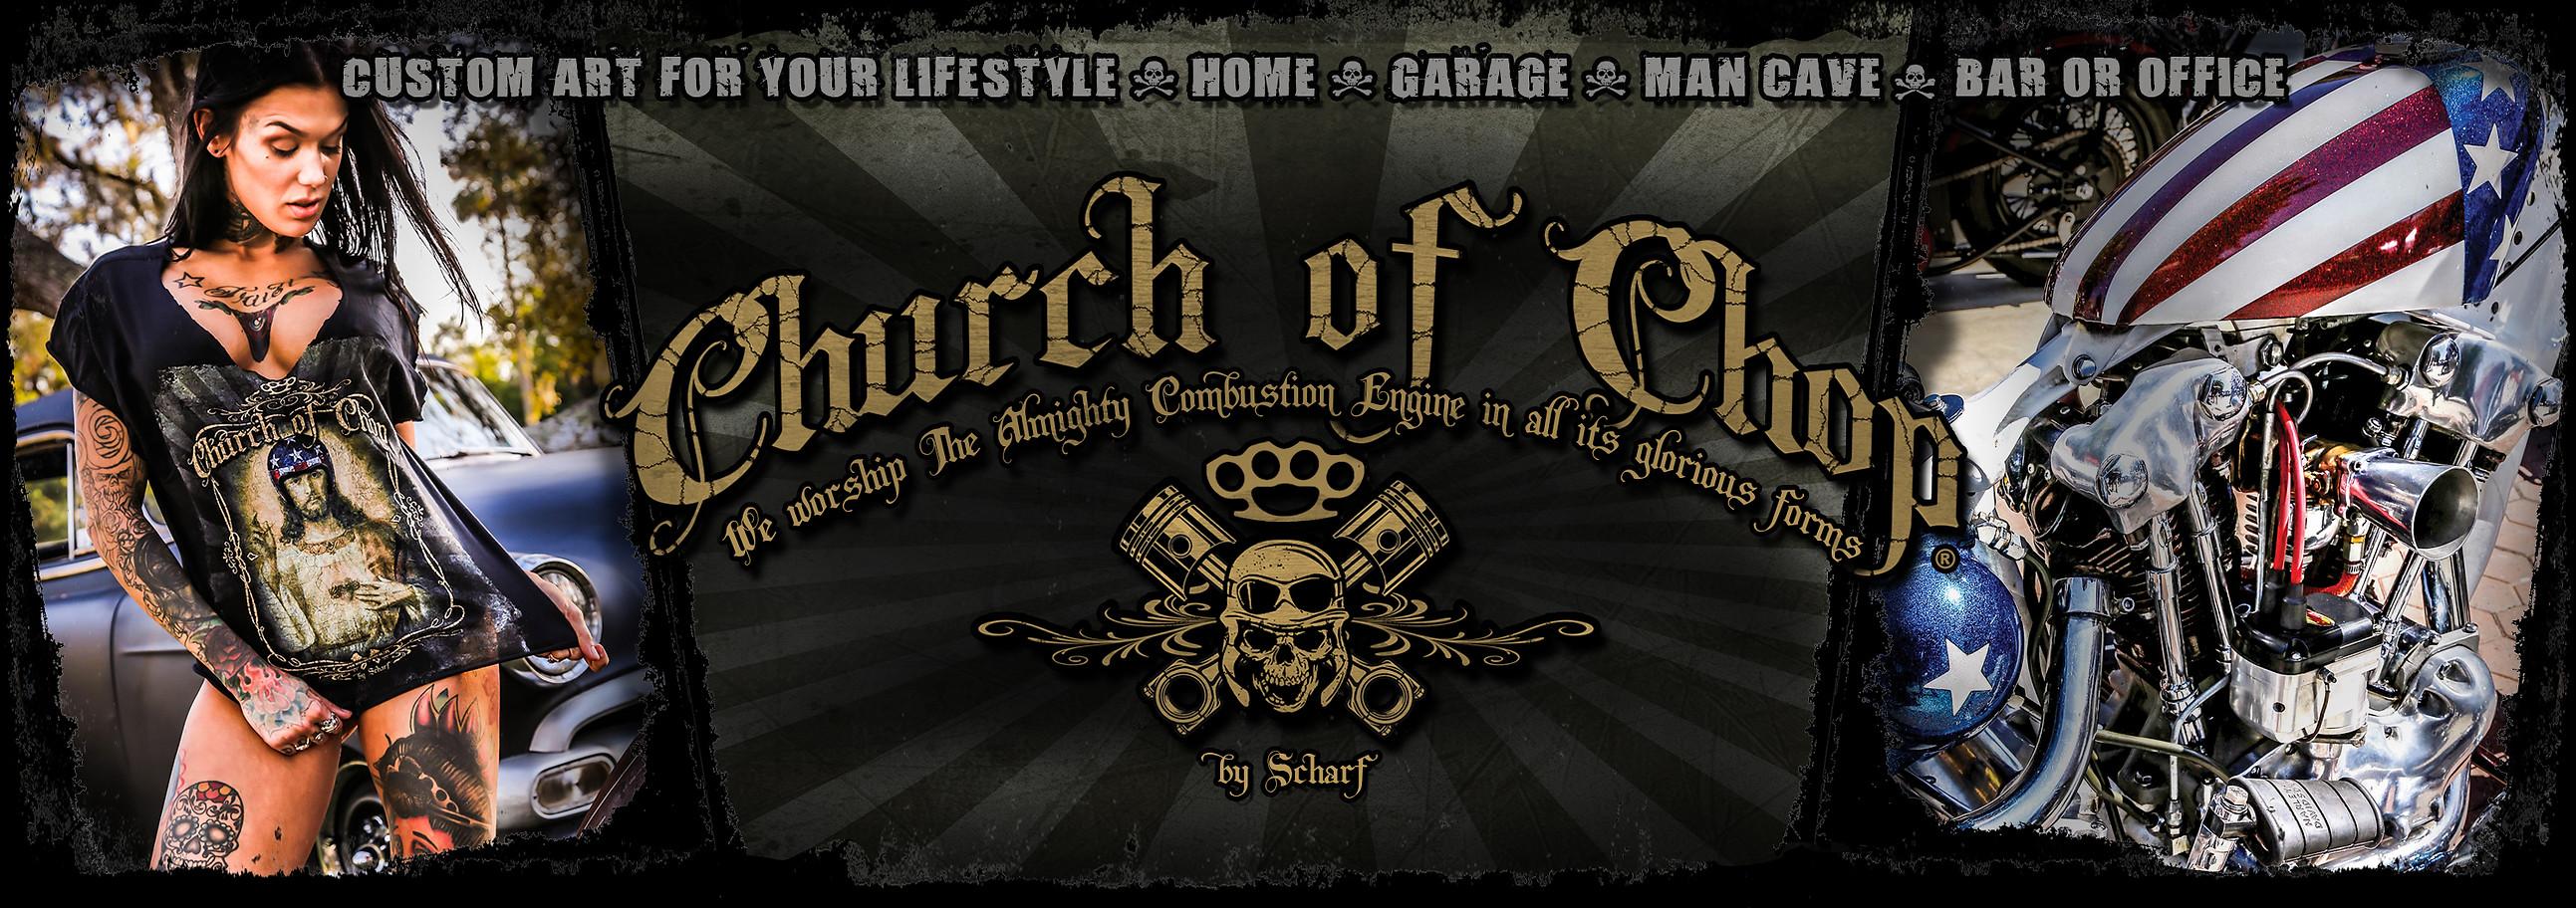 Church-of-chop-header.jpg